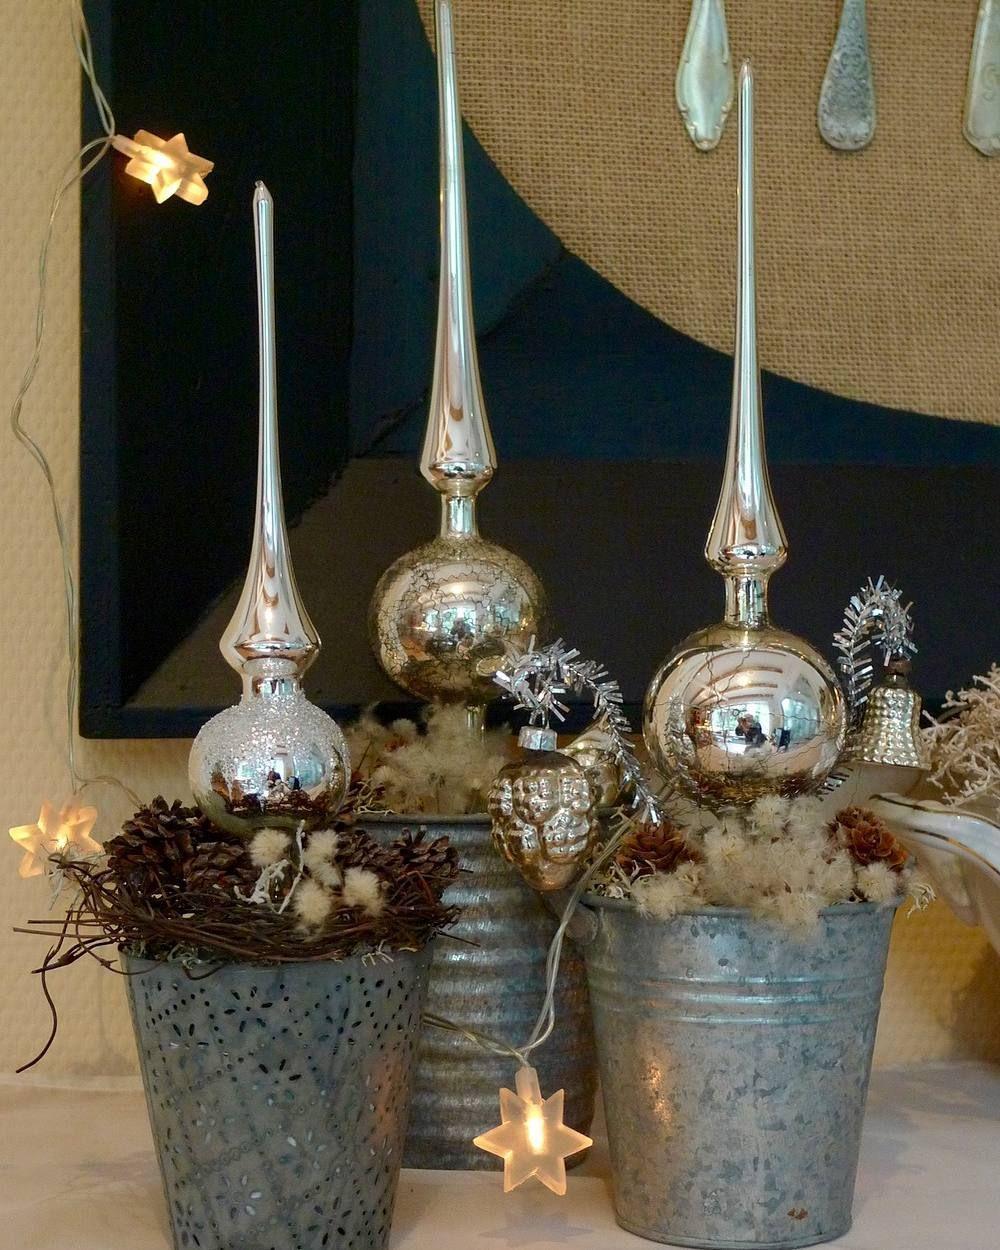 Pin von martina achznigk auf basteln mit christbaumspitzen weihnachten weihnachtsdekoration - Christbaumspitze basteln ...